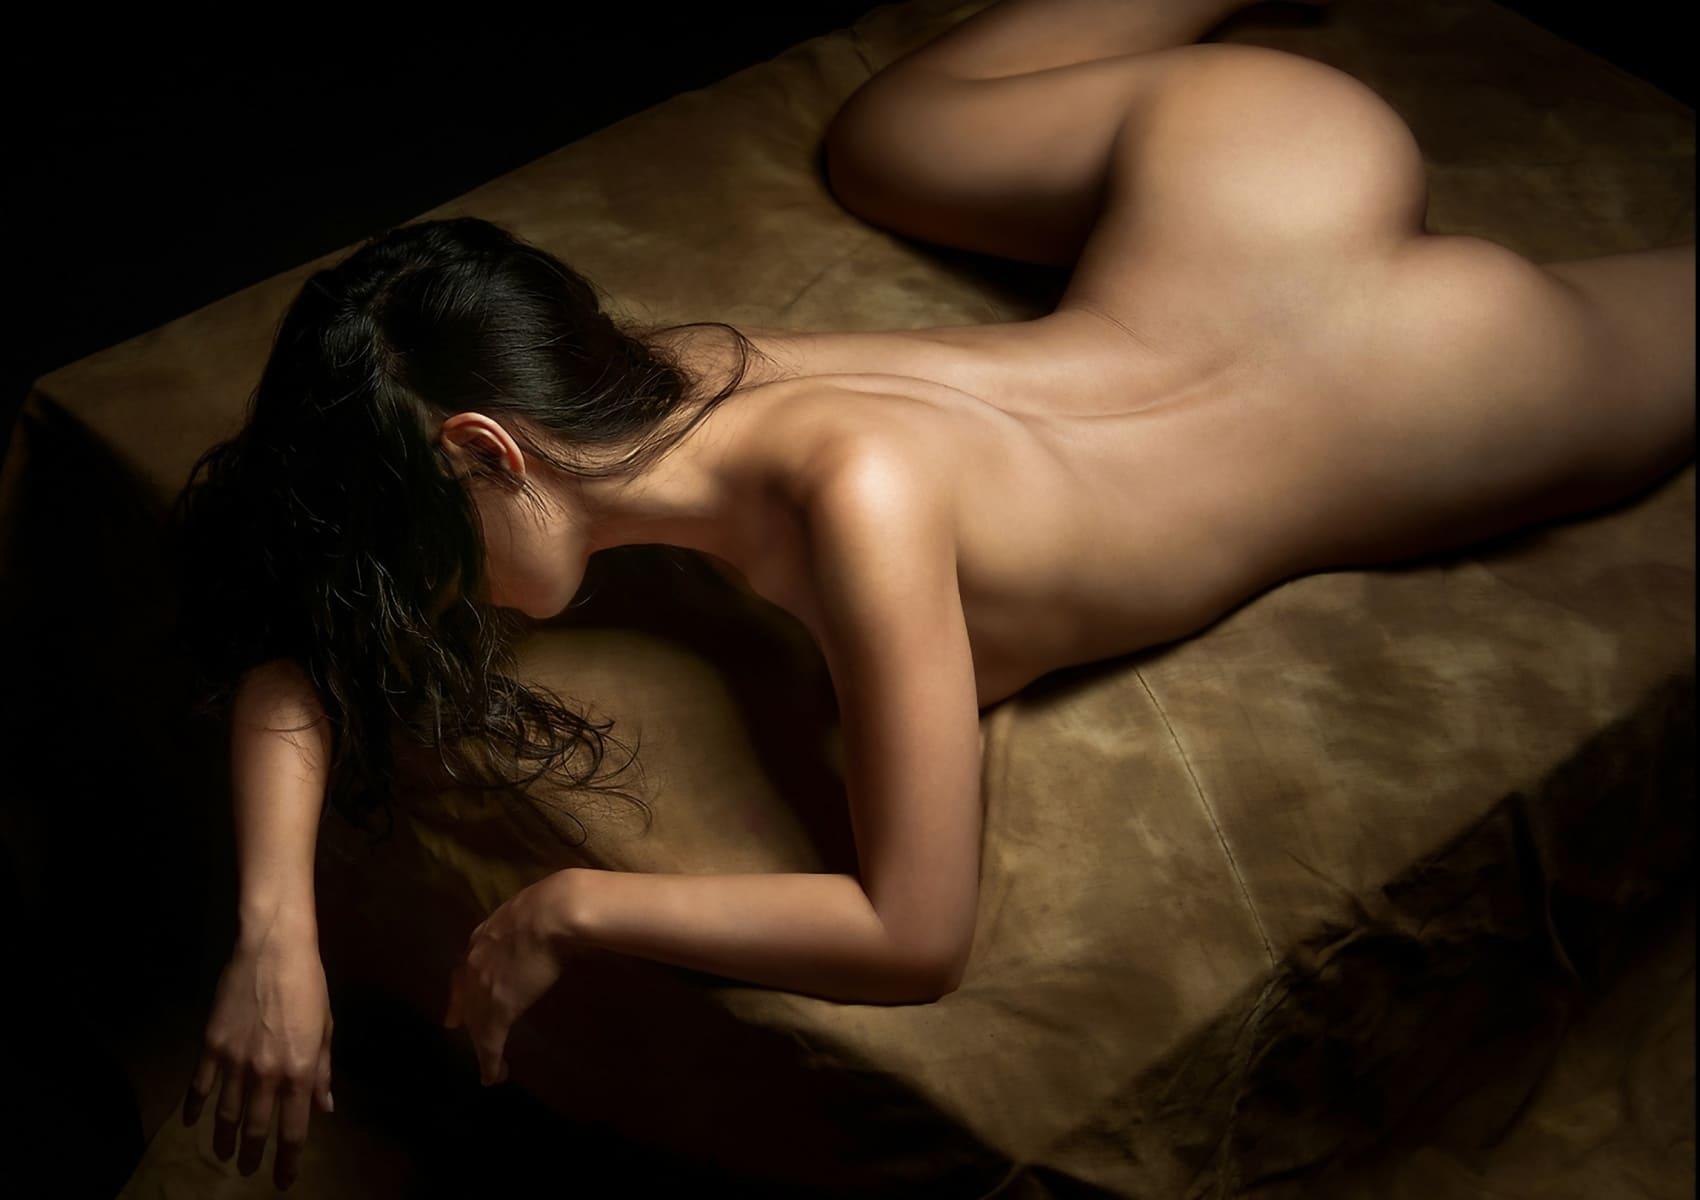 девушка со спины брюнетка без лица лежит на кровати распластавшись как жабка